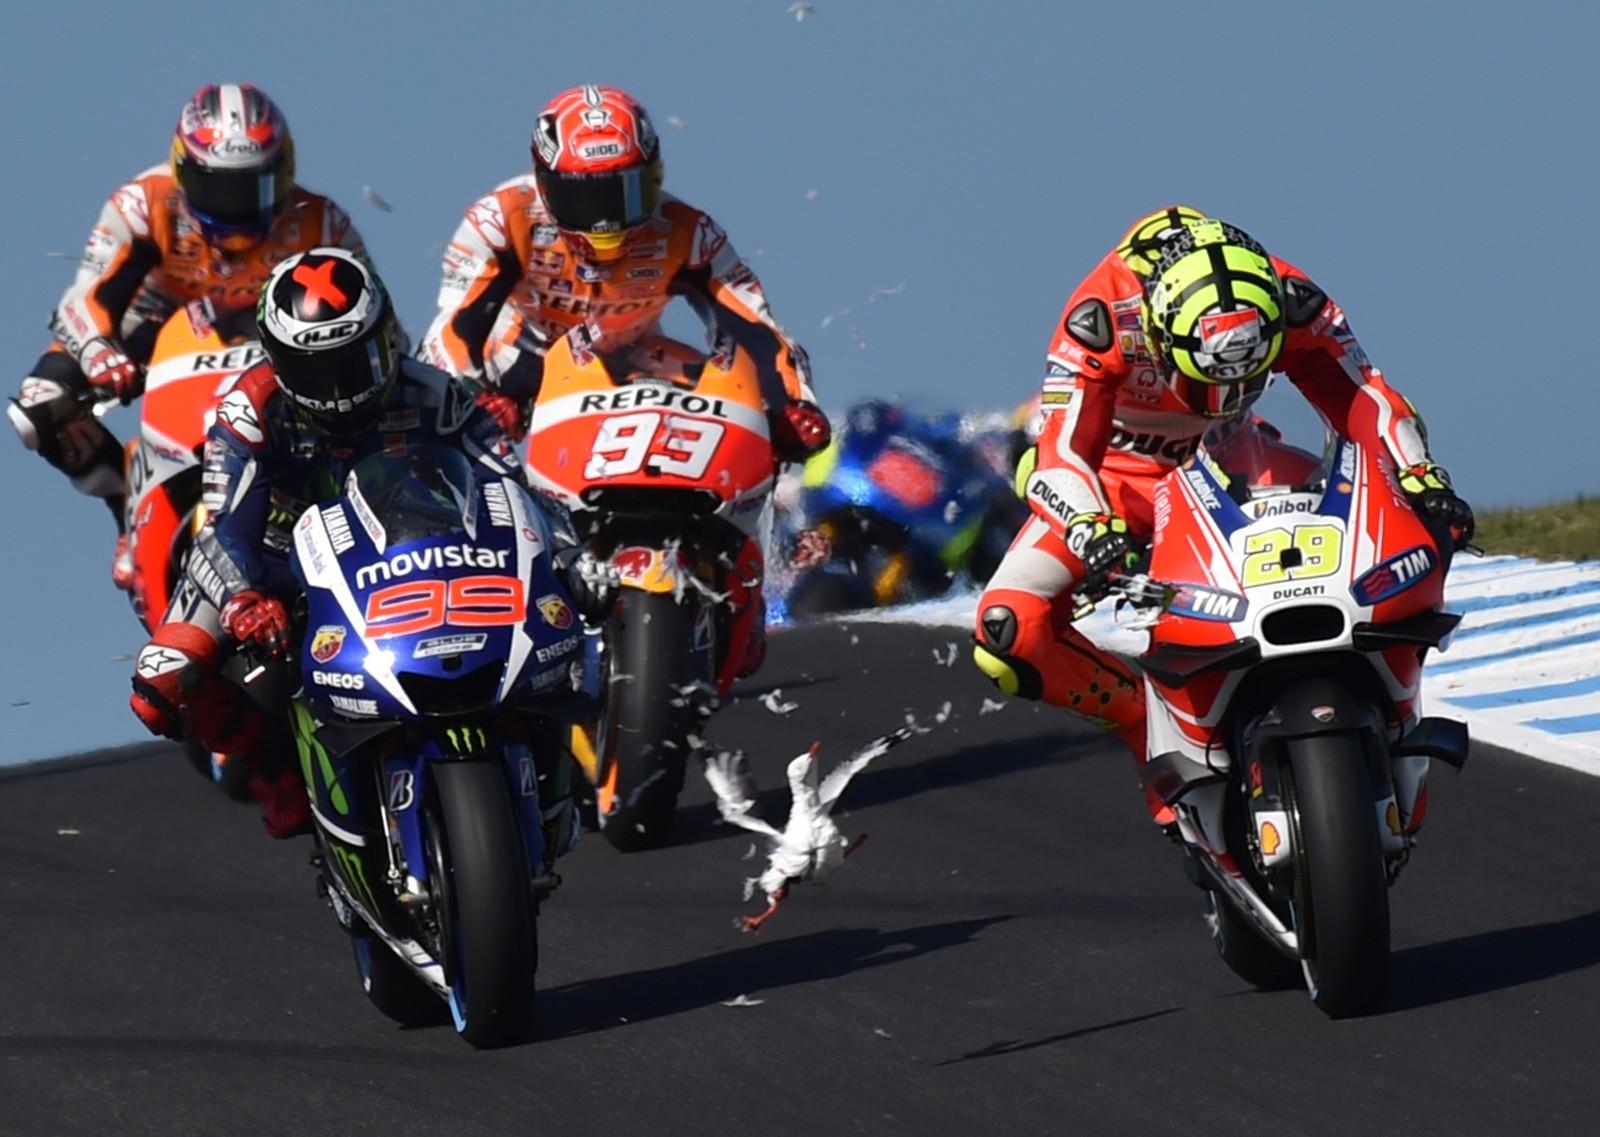 En måke forvillet seg midt inn i et fartsfylt felt under MotoGP på øya Phillip i Australia 18. oktober.